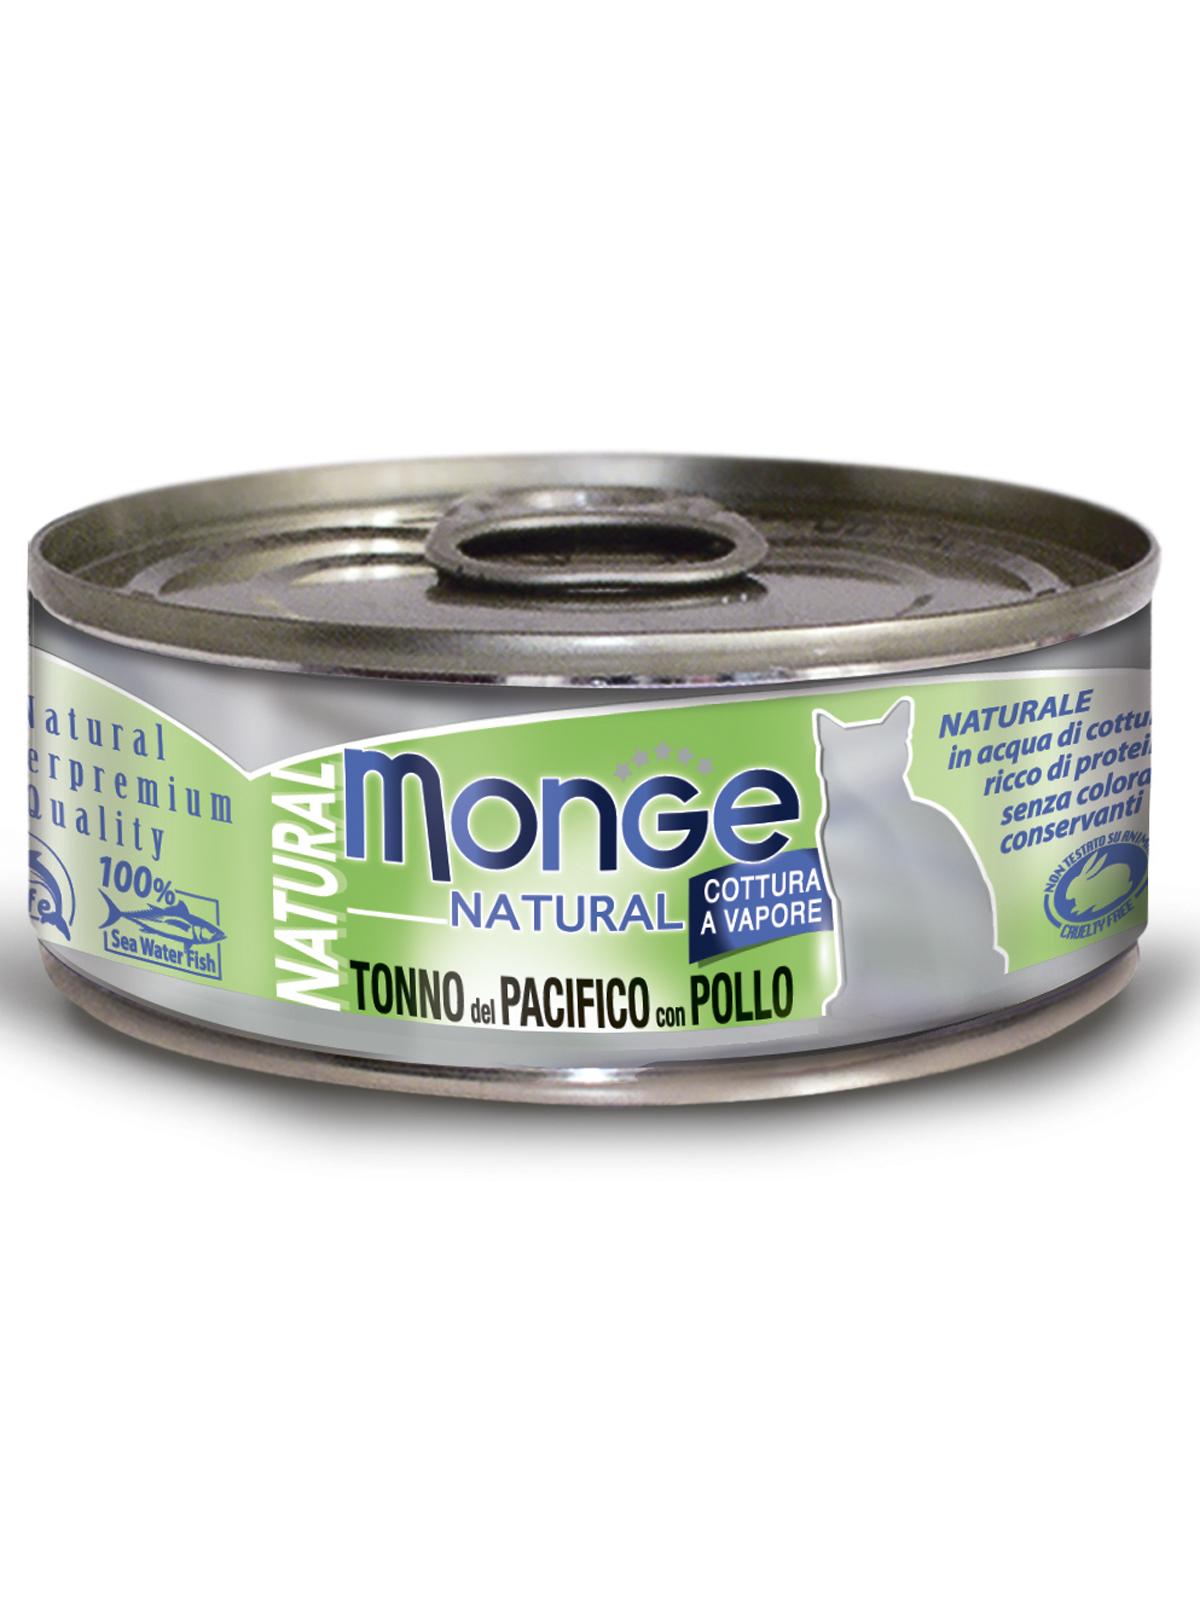 Monge Cat Natural влажный корм для кошек всех возрастов и пород, тихоокеанский тунец с курицей 80 гр